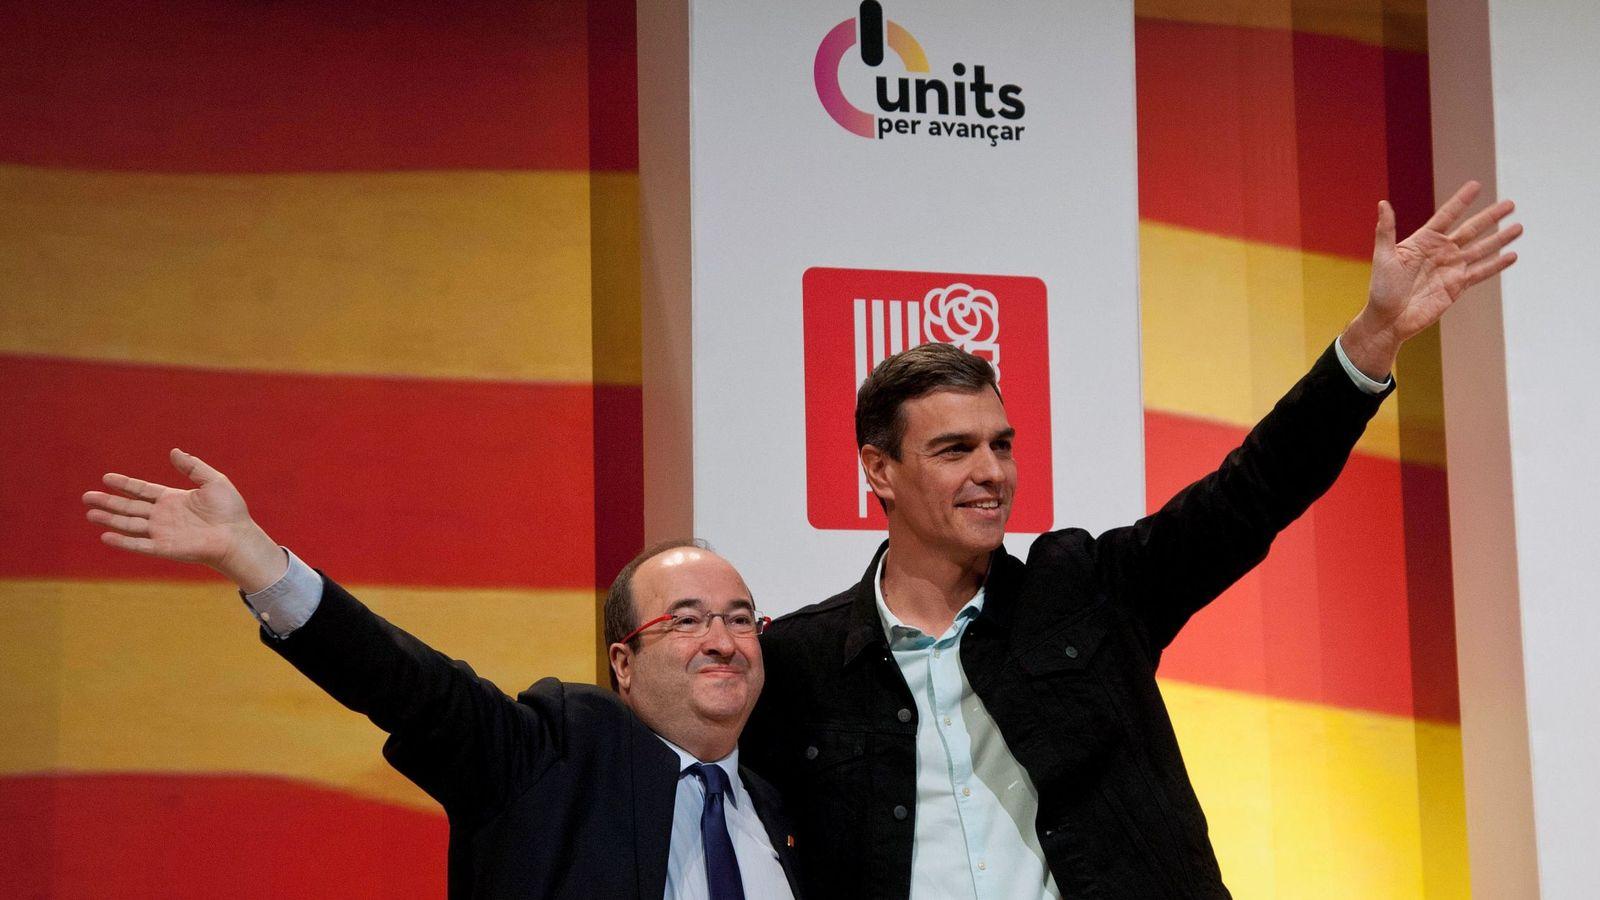 Foto: Pedro Sánchez y Miquel Iceta, este 16 de diciembre en el Palacio de Congresos de Girona. (EFE)